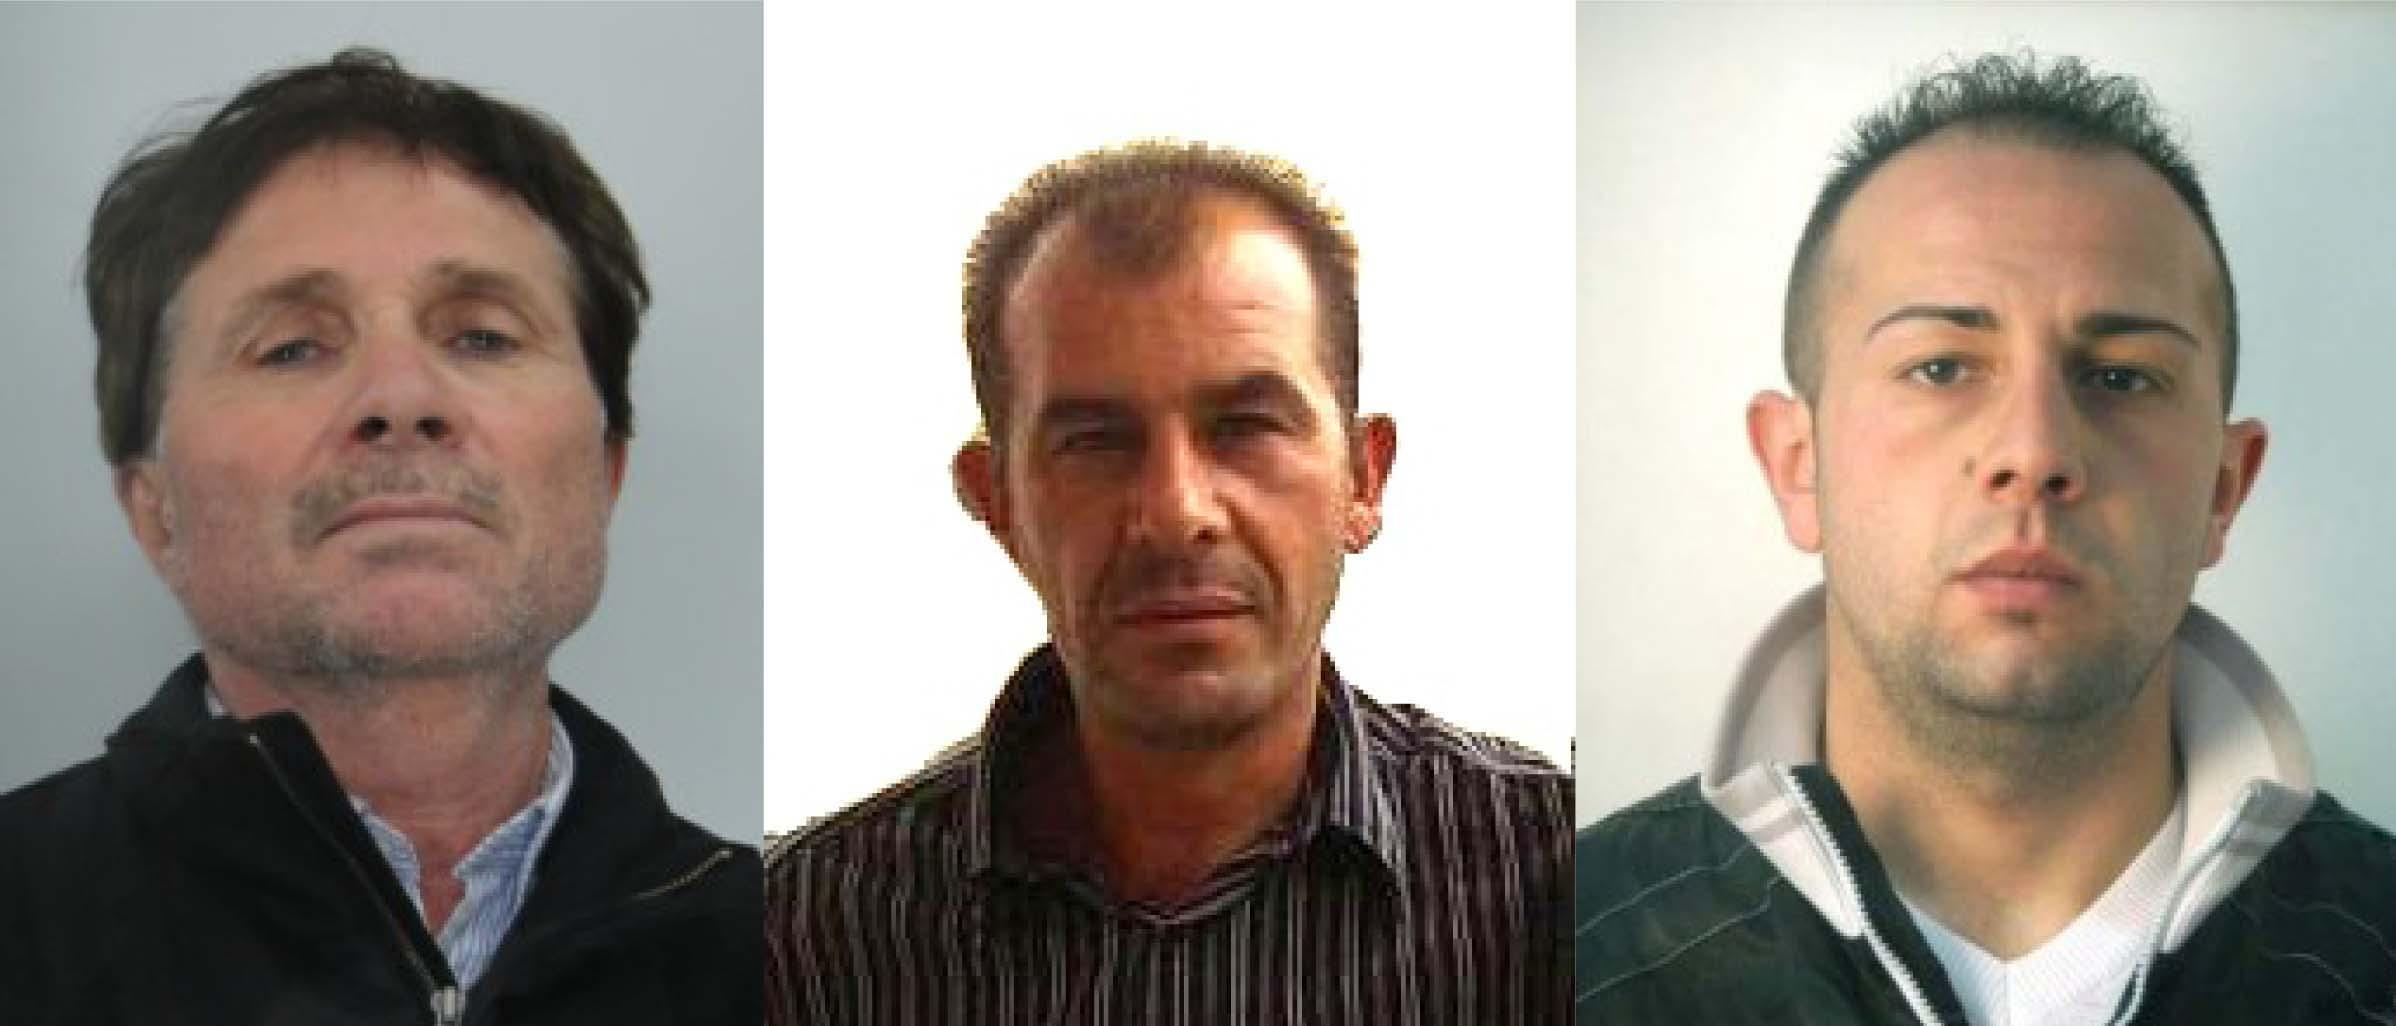 Polizia di Trapani: arresti domiciliari per tre persone accusate di furto aggravato